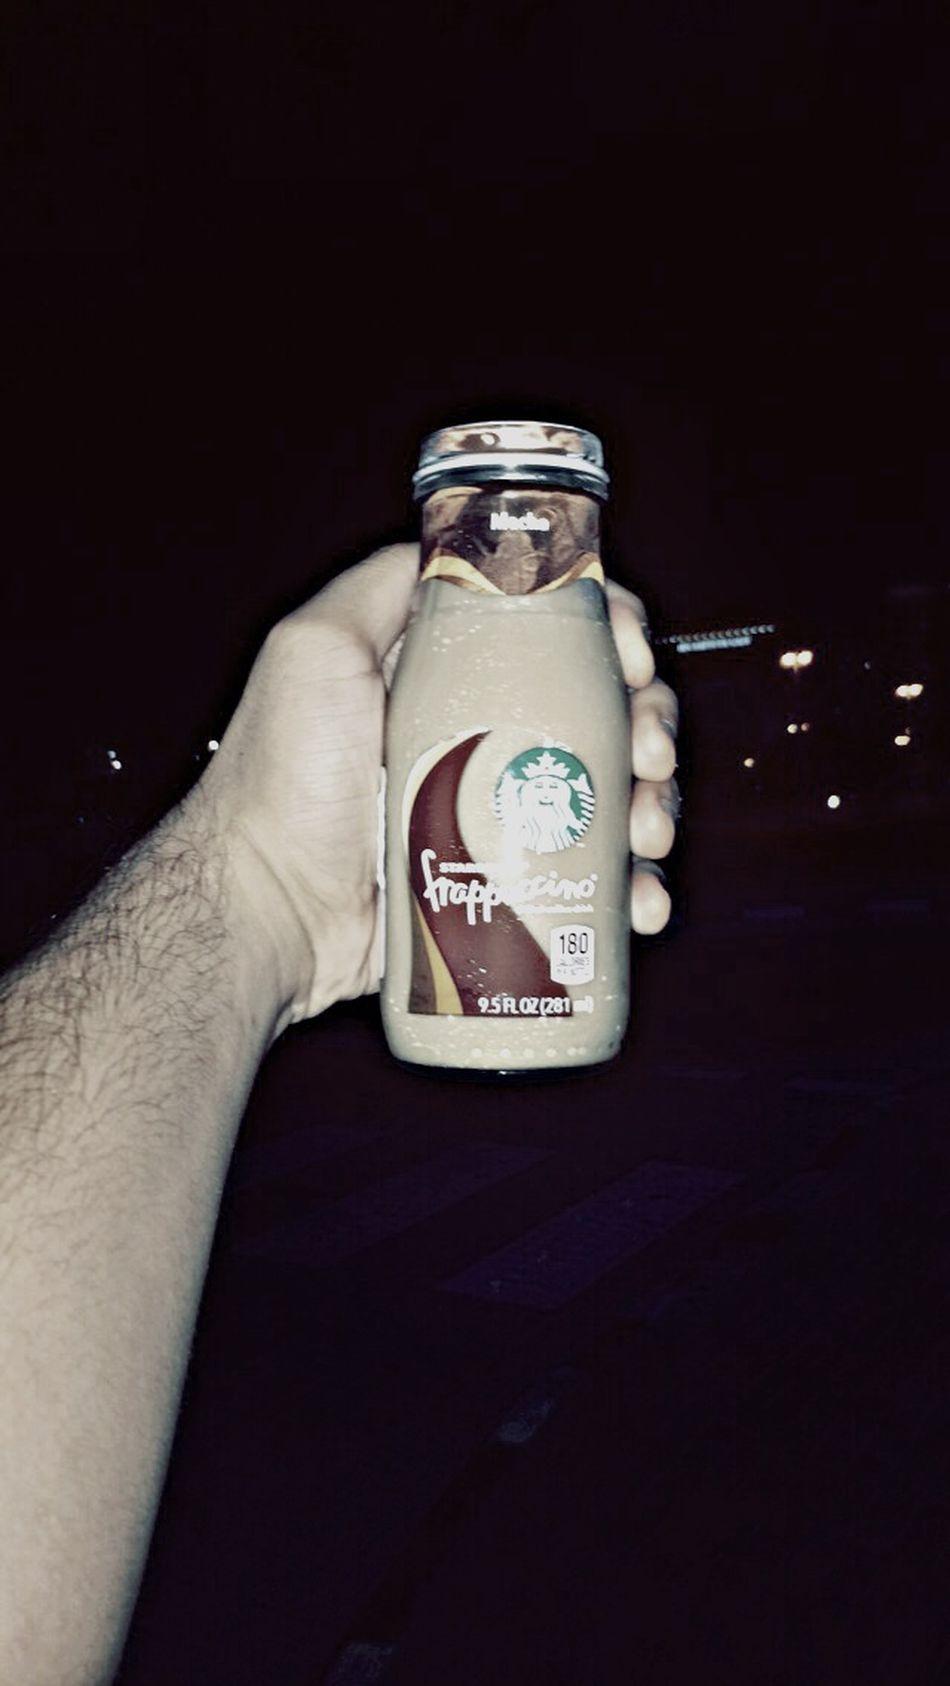 تصويري  Drinking Starbucks s